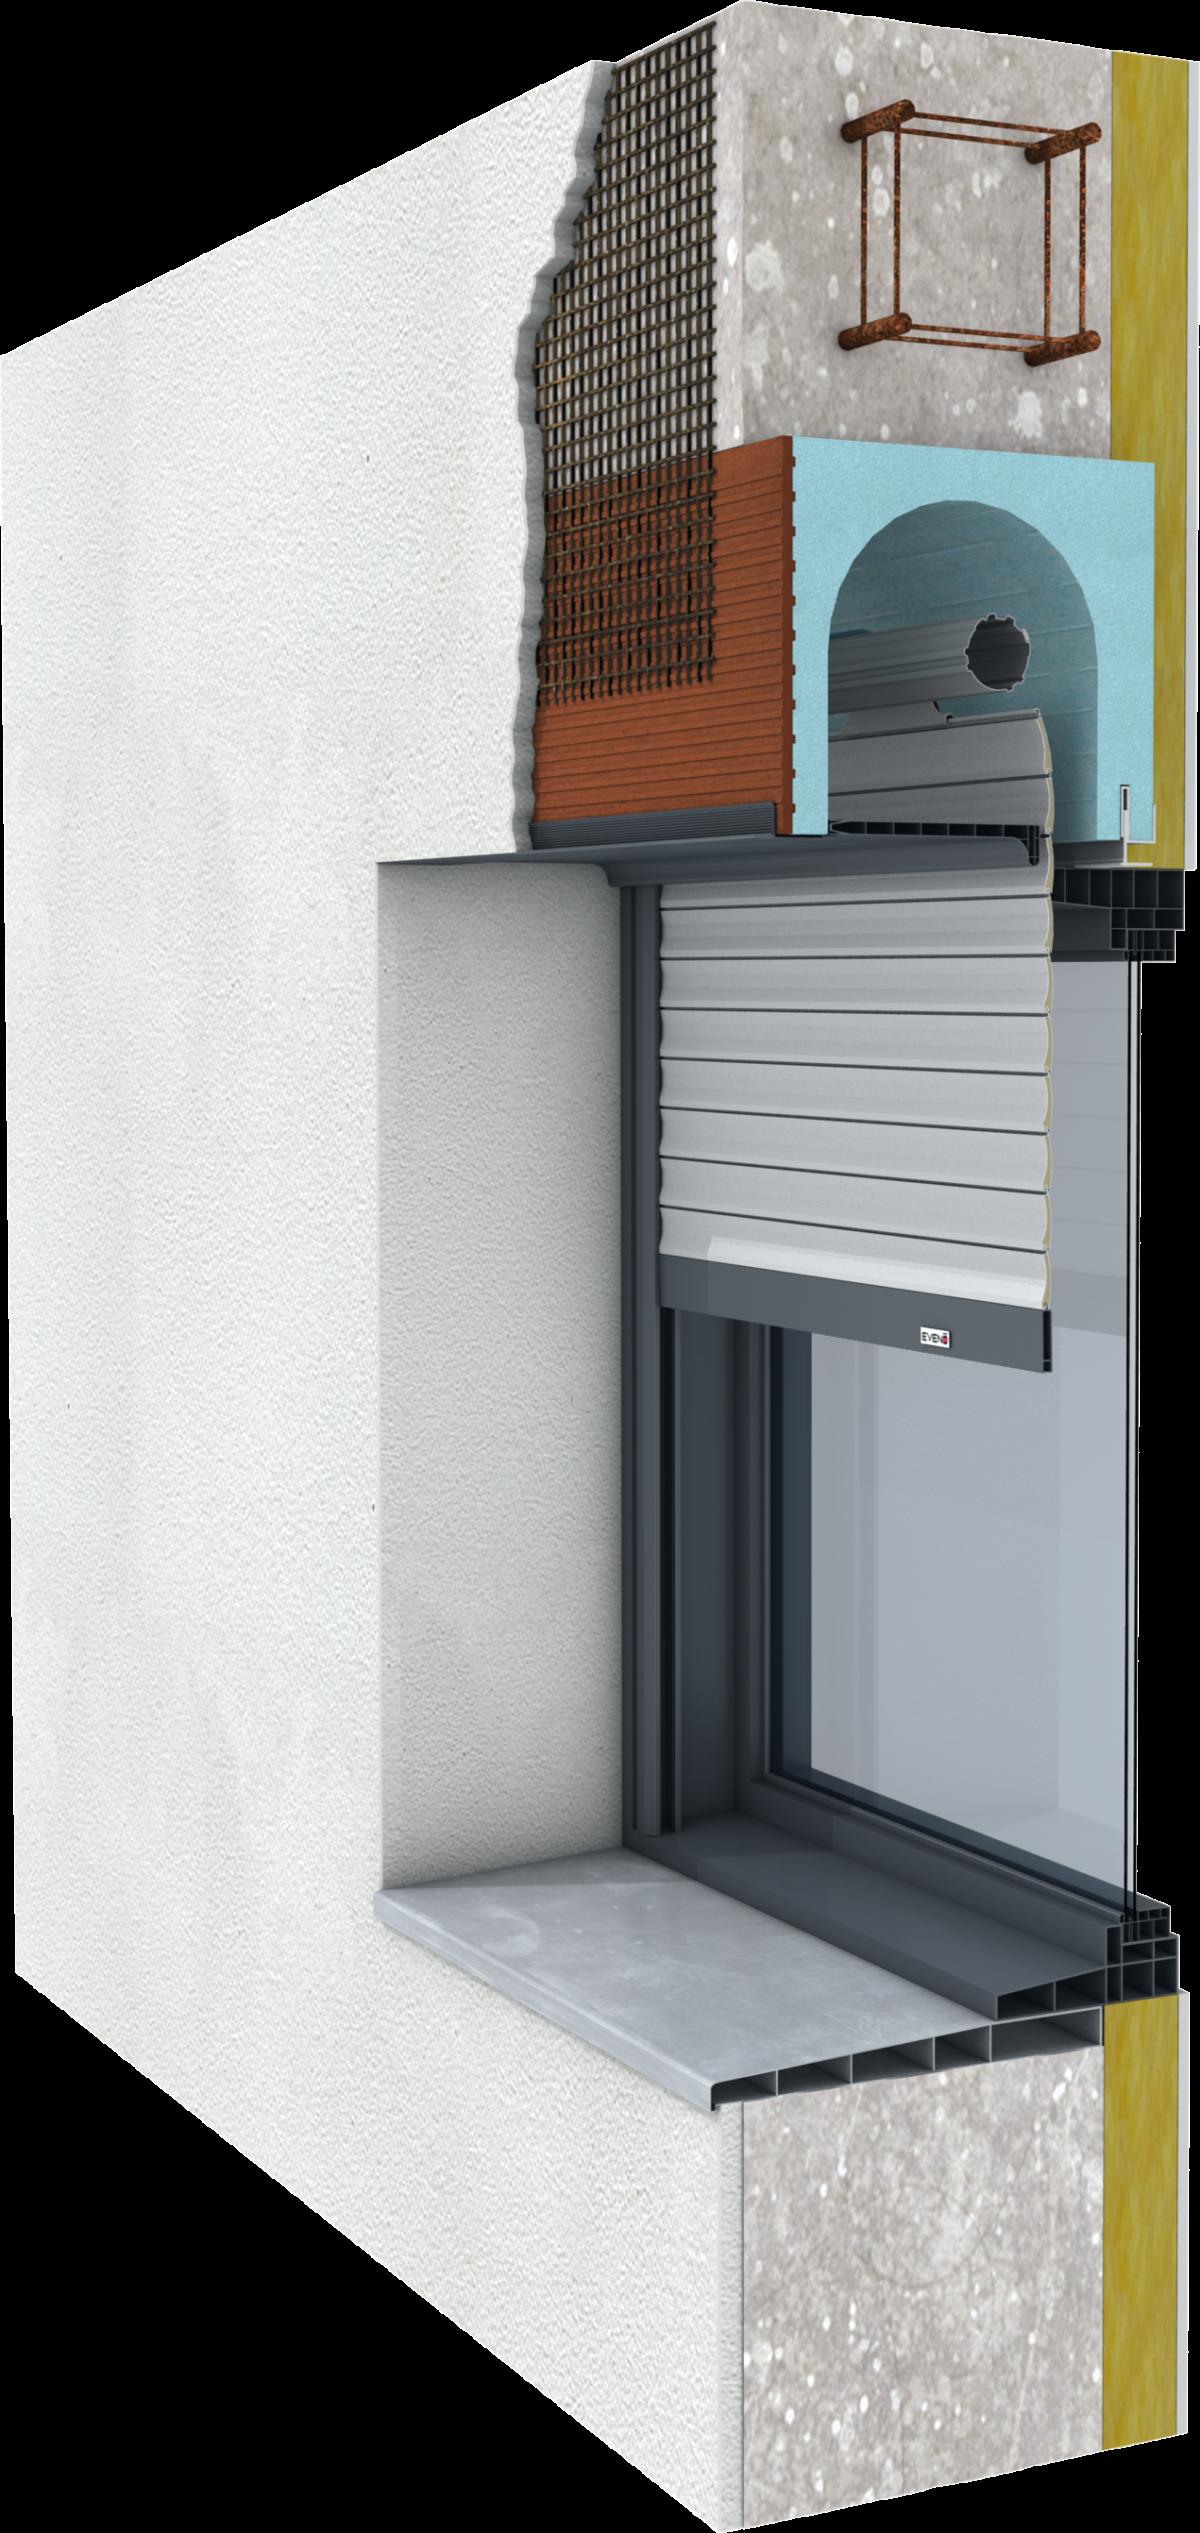 lame volet roulant blanc ajour e 60mm 3ml eveno fermetures la roche sur yon 85000. Black Bedroom Furniture Sets. Home Design Ideas